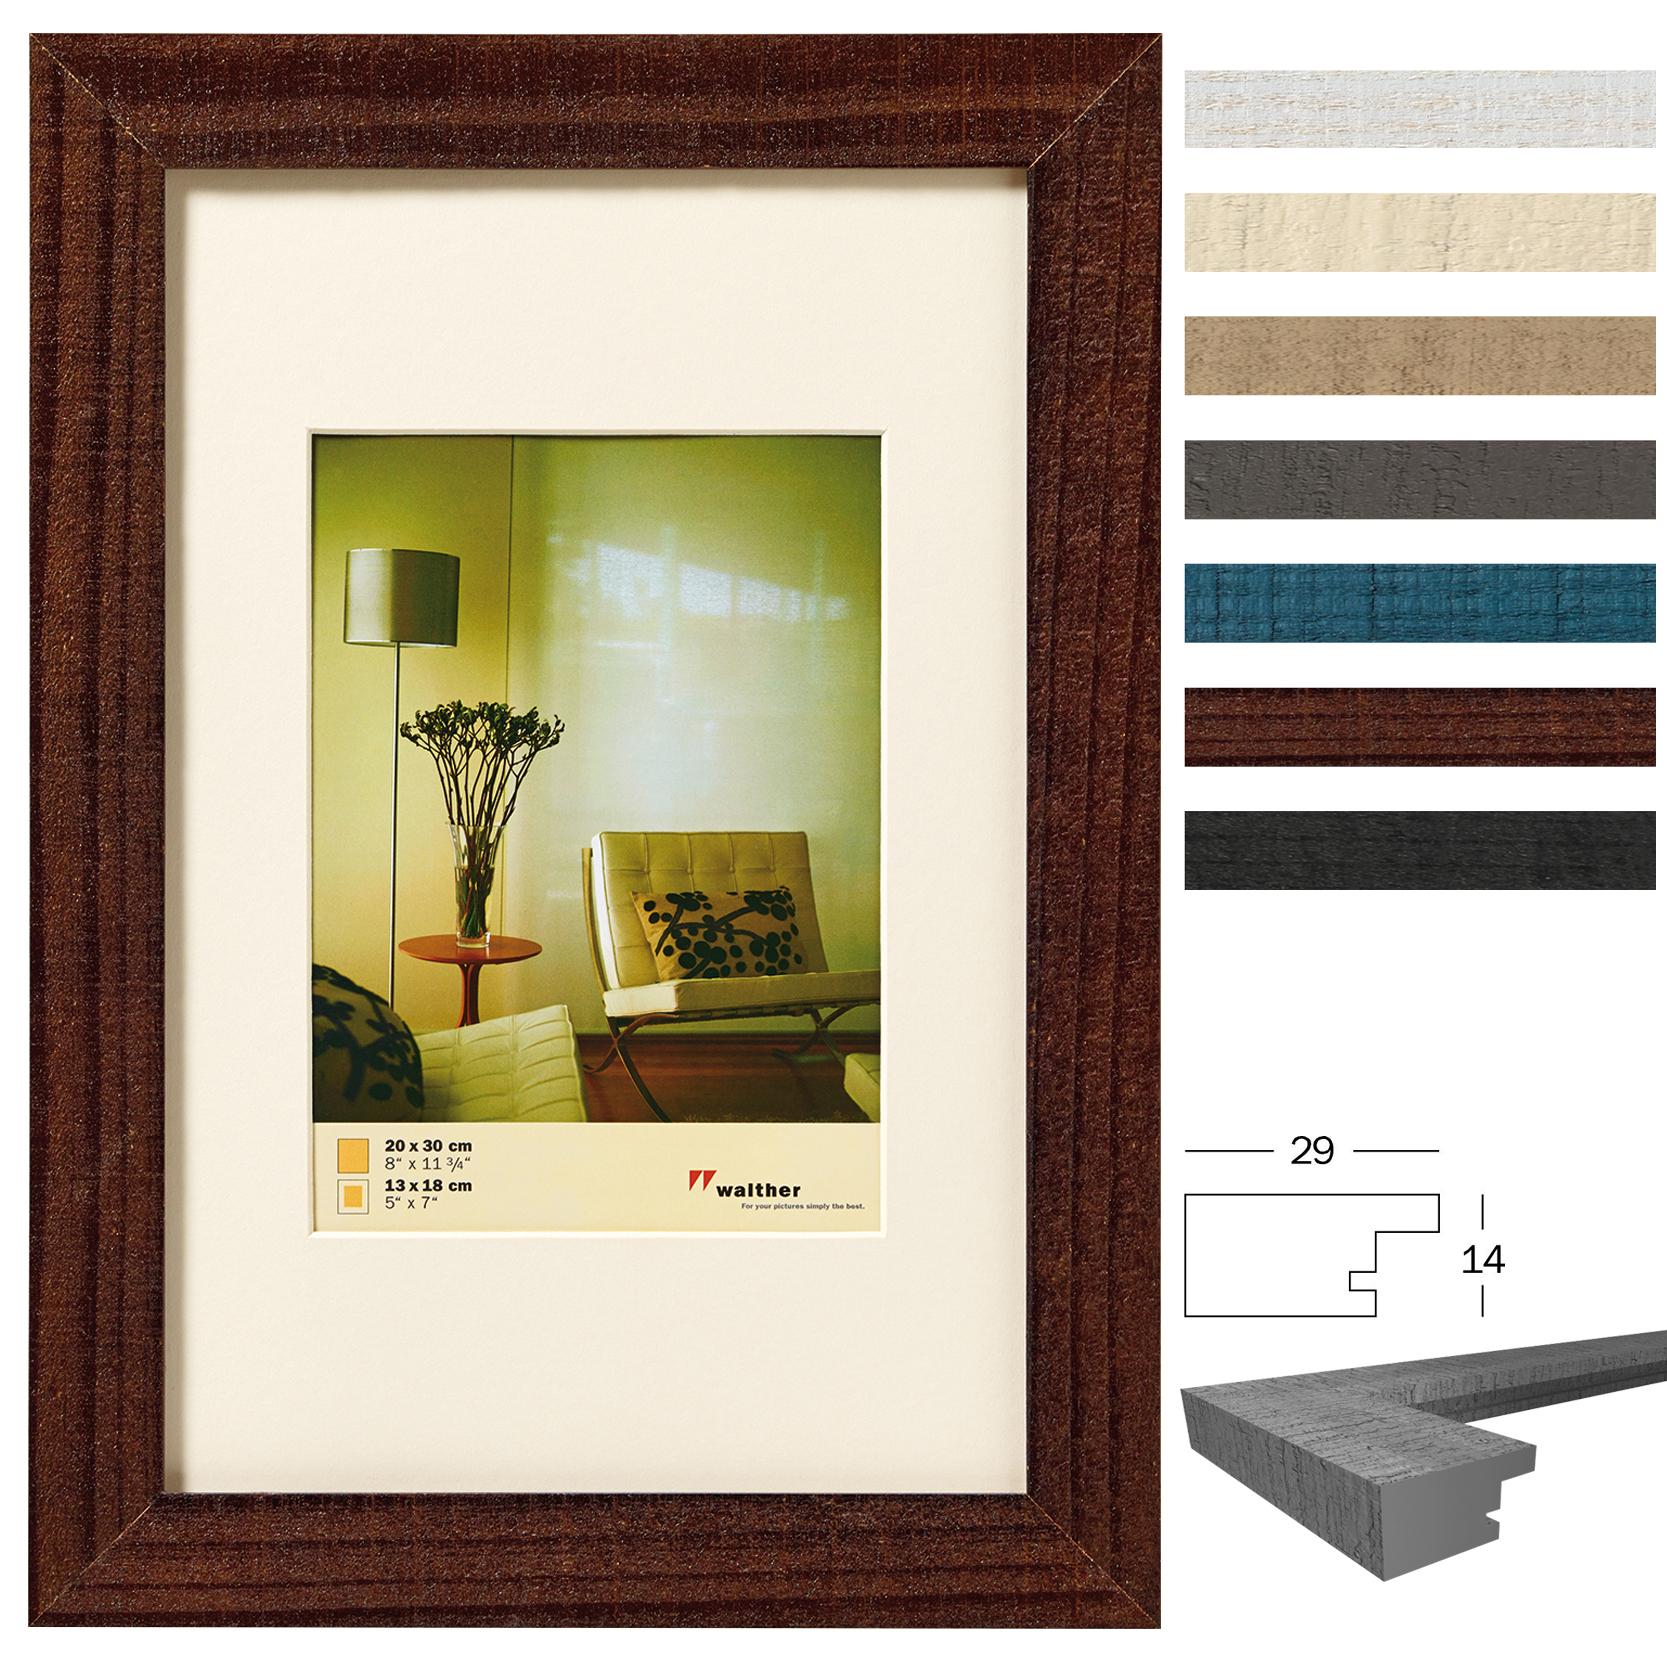 bilderrahmen fotogalerie bildergalerie collage galerie foto antik home holz 318 ebay. Black Bedroom Furniture Sets. Home Design Ideas